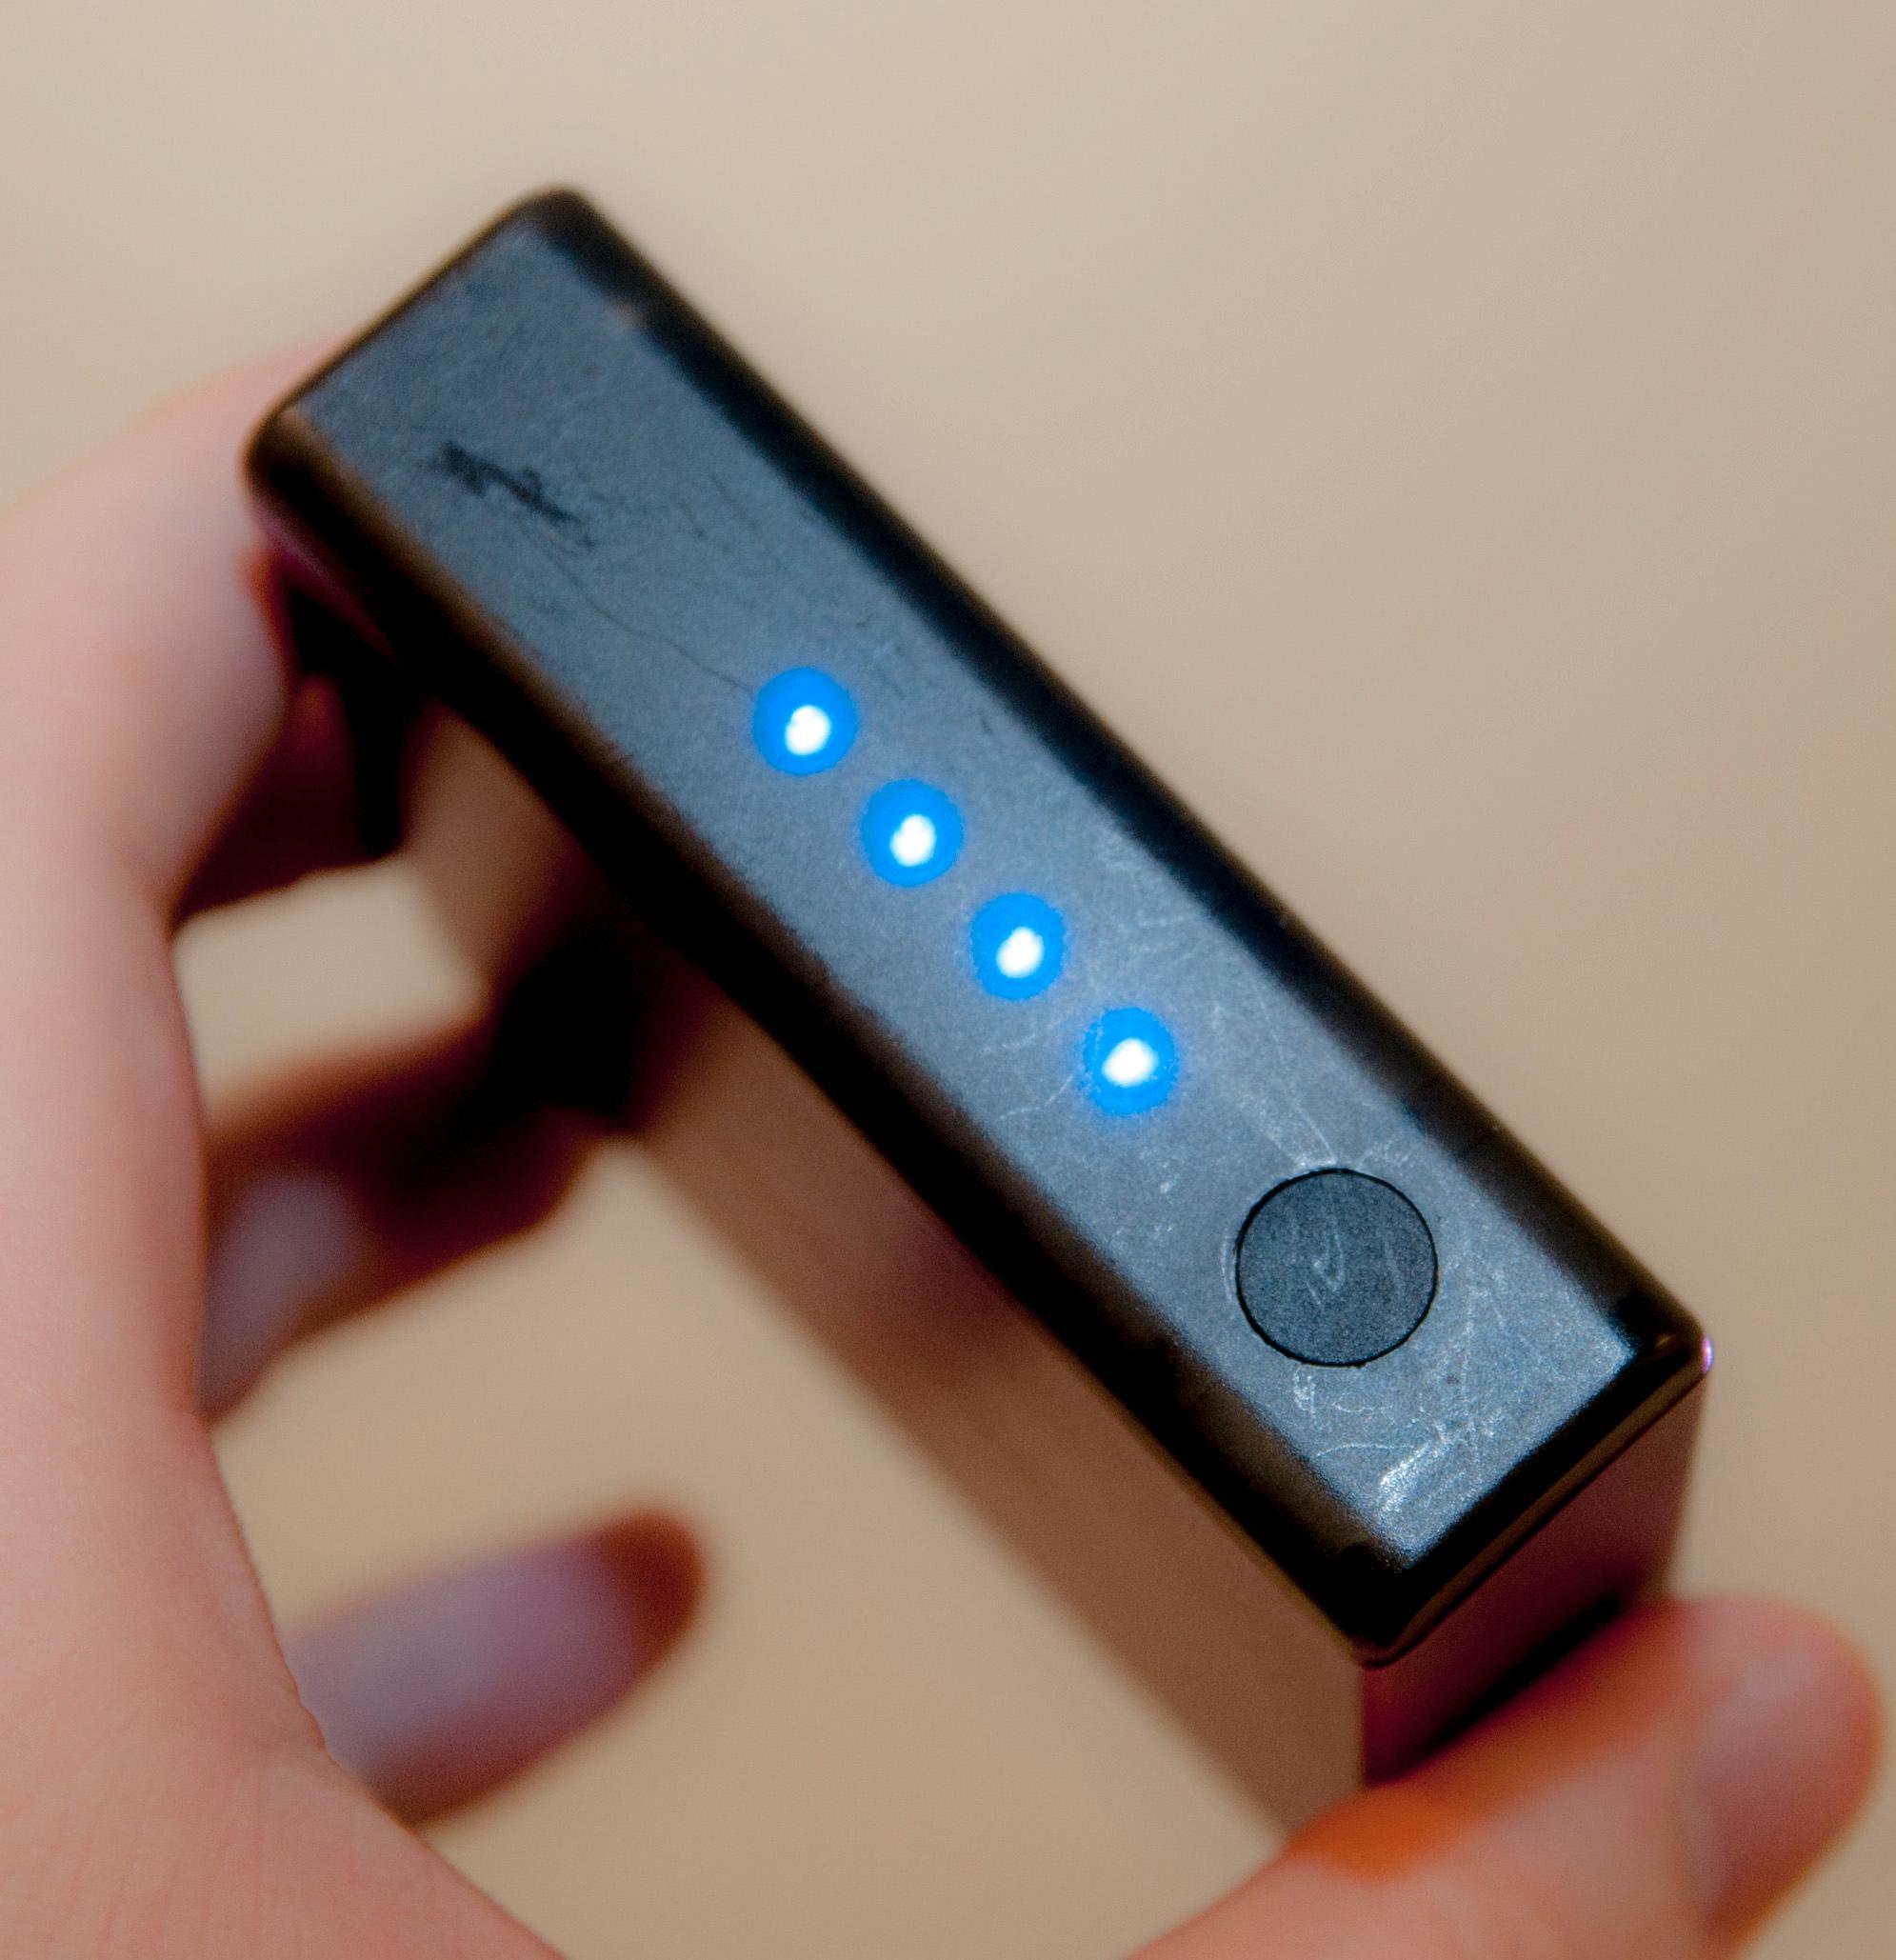 Diodene viser hvor mye strøm du har igjen, og knappen lar deg skru på ladingen.Foto: Finn Jarle Kvalheim, Amobil.no